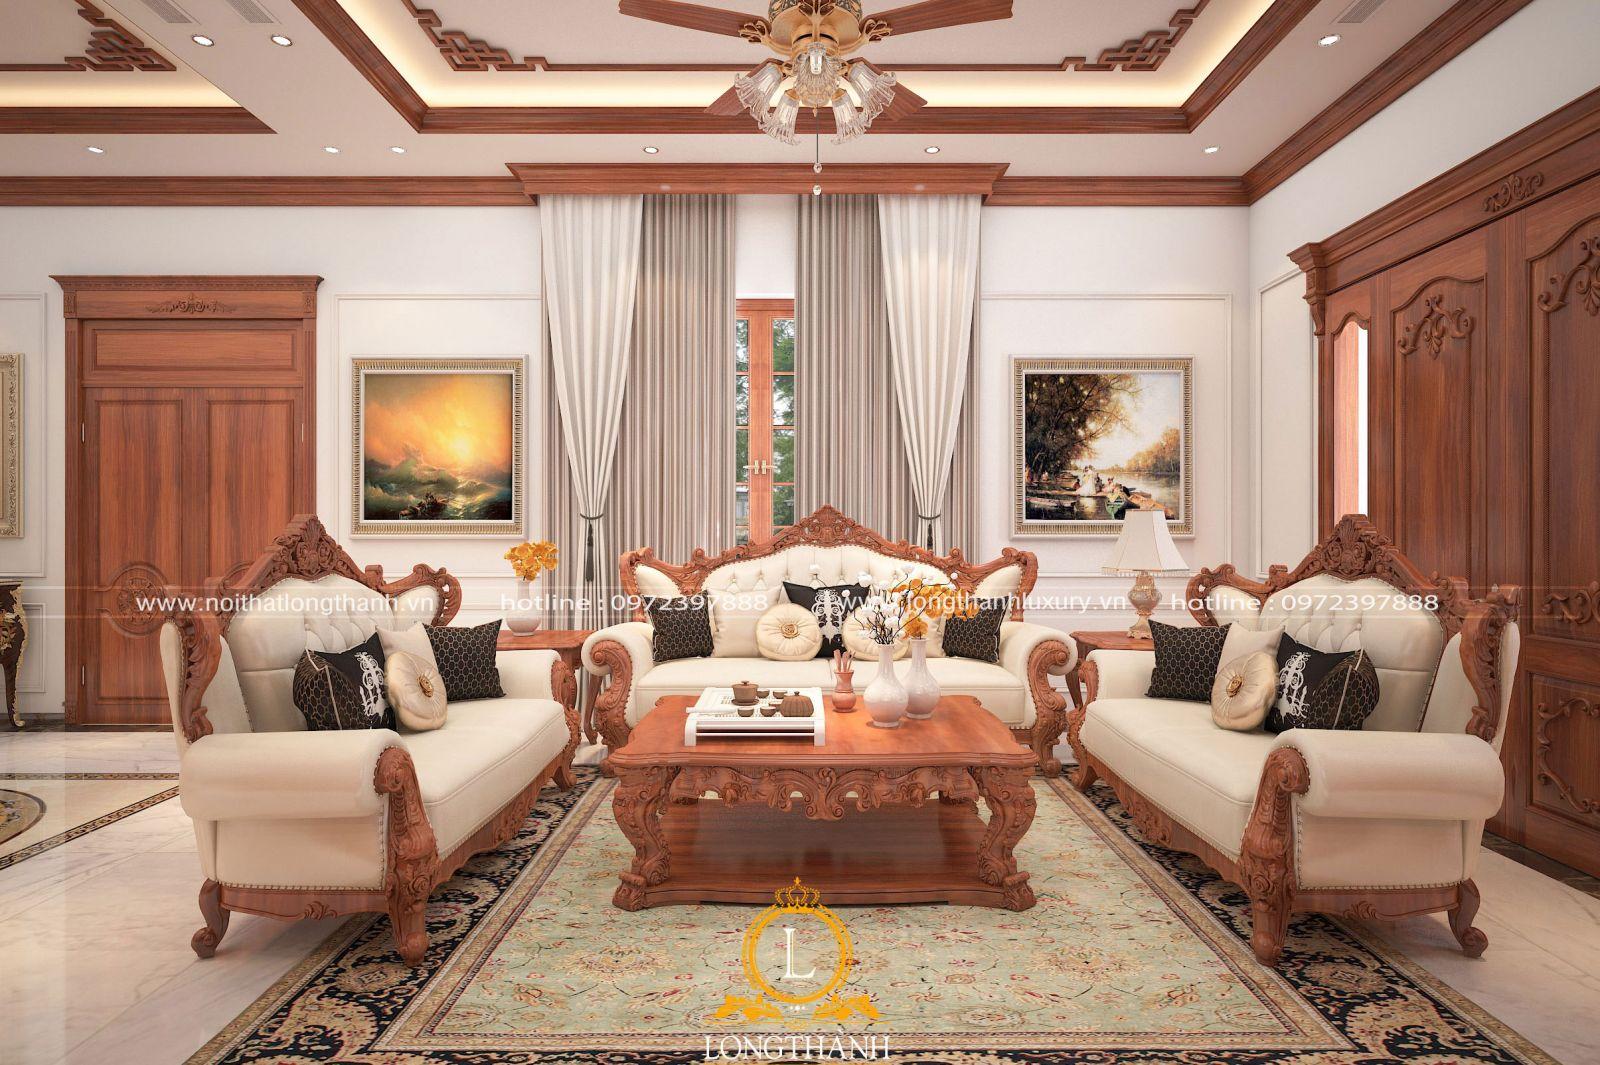 Sofa phòng khách mang phong cách tân cổ điển được sử dụng phổ biến trong nhiều gia đình